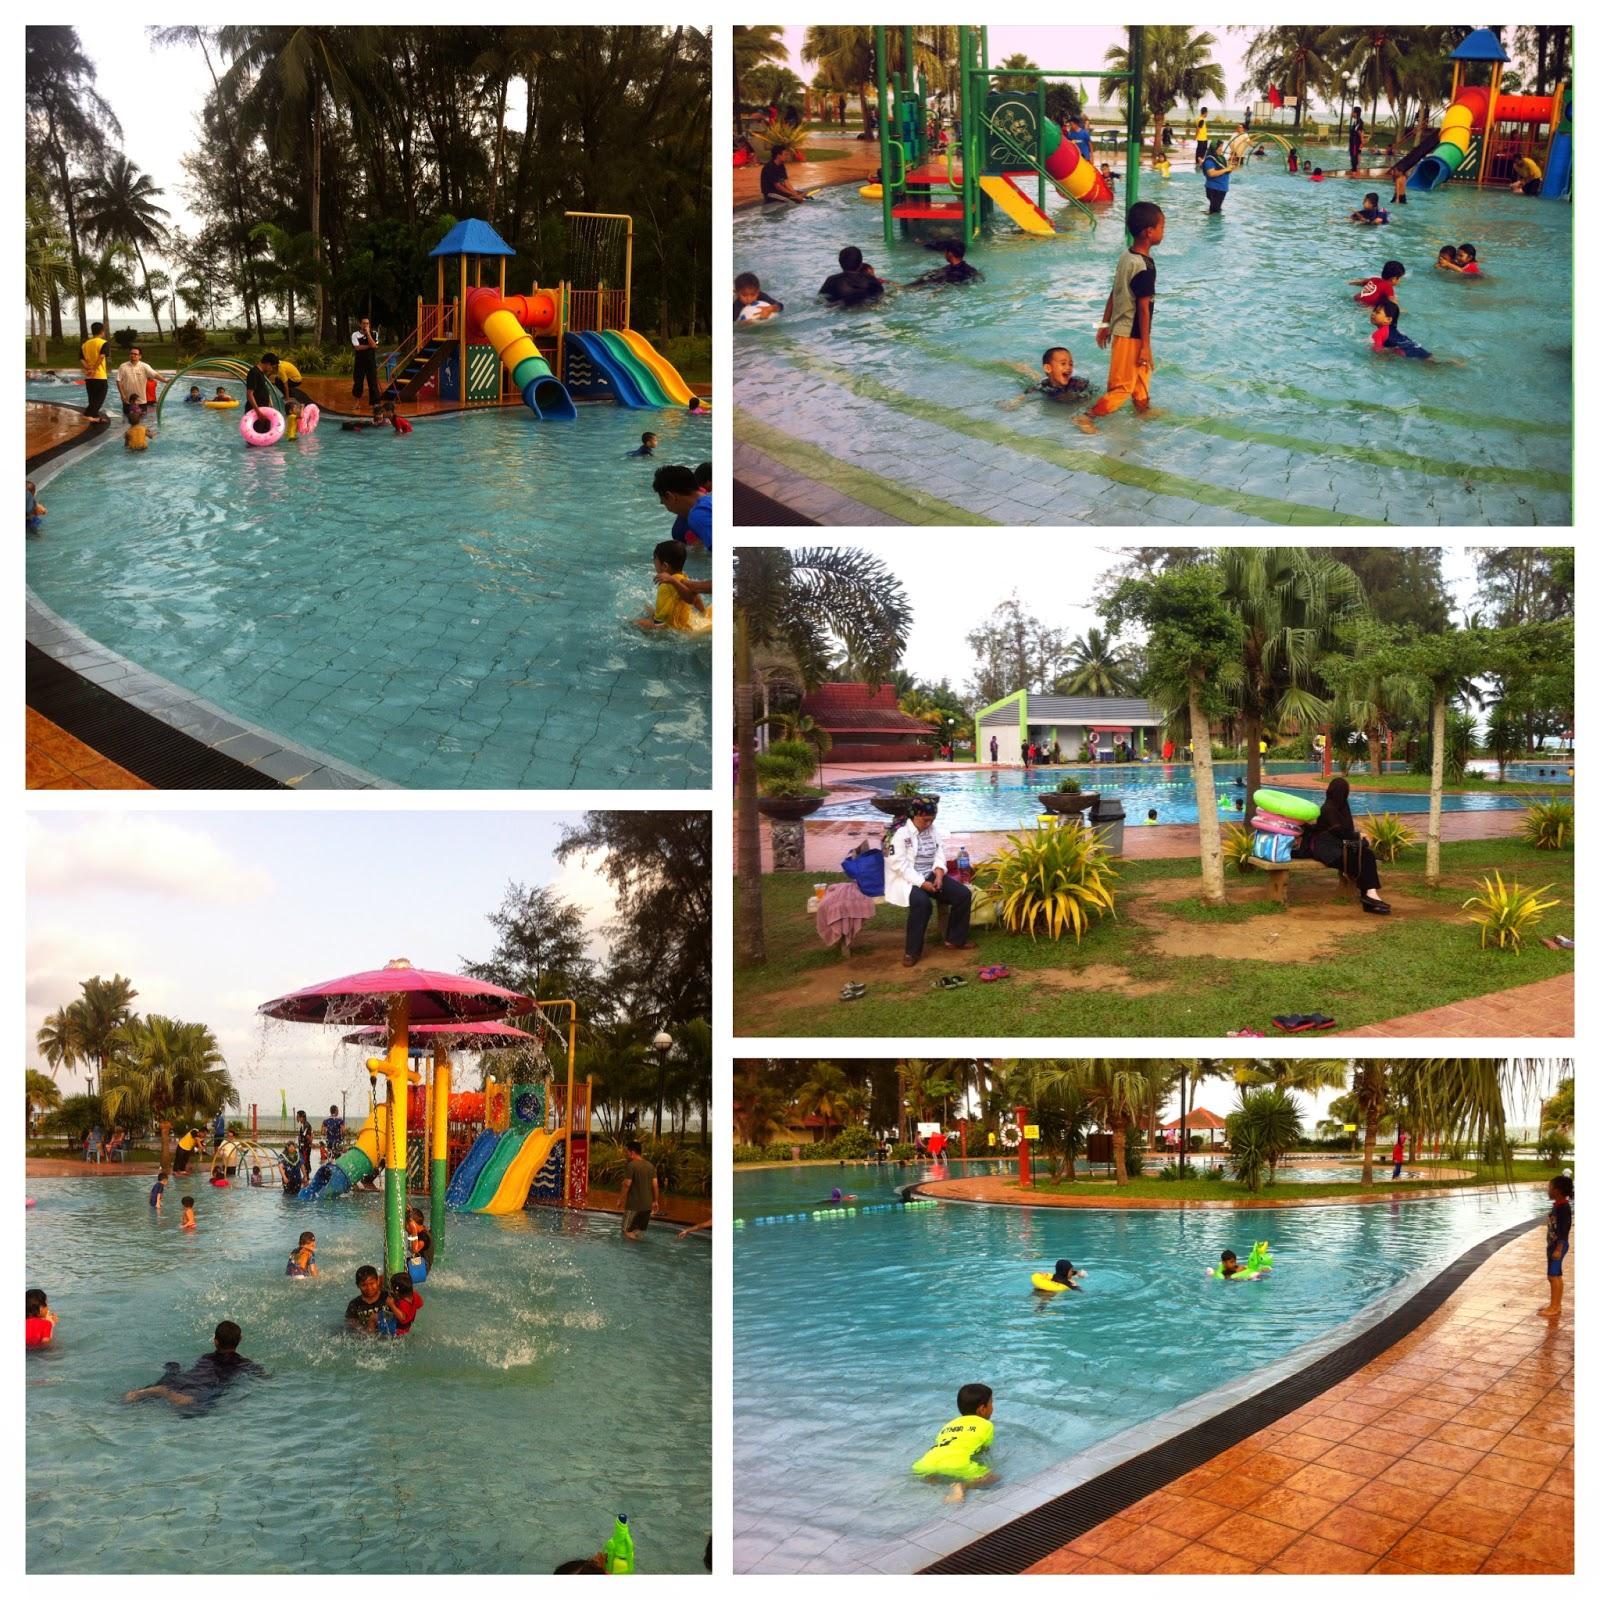 Harga Mandi Kolam De Rhu Beach Resort